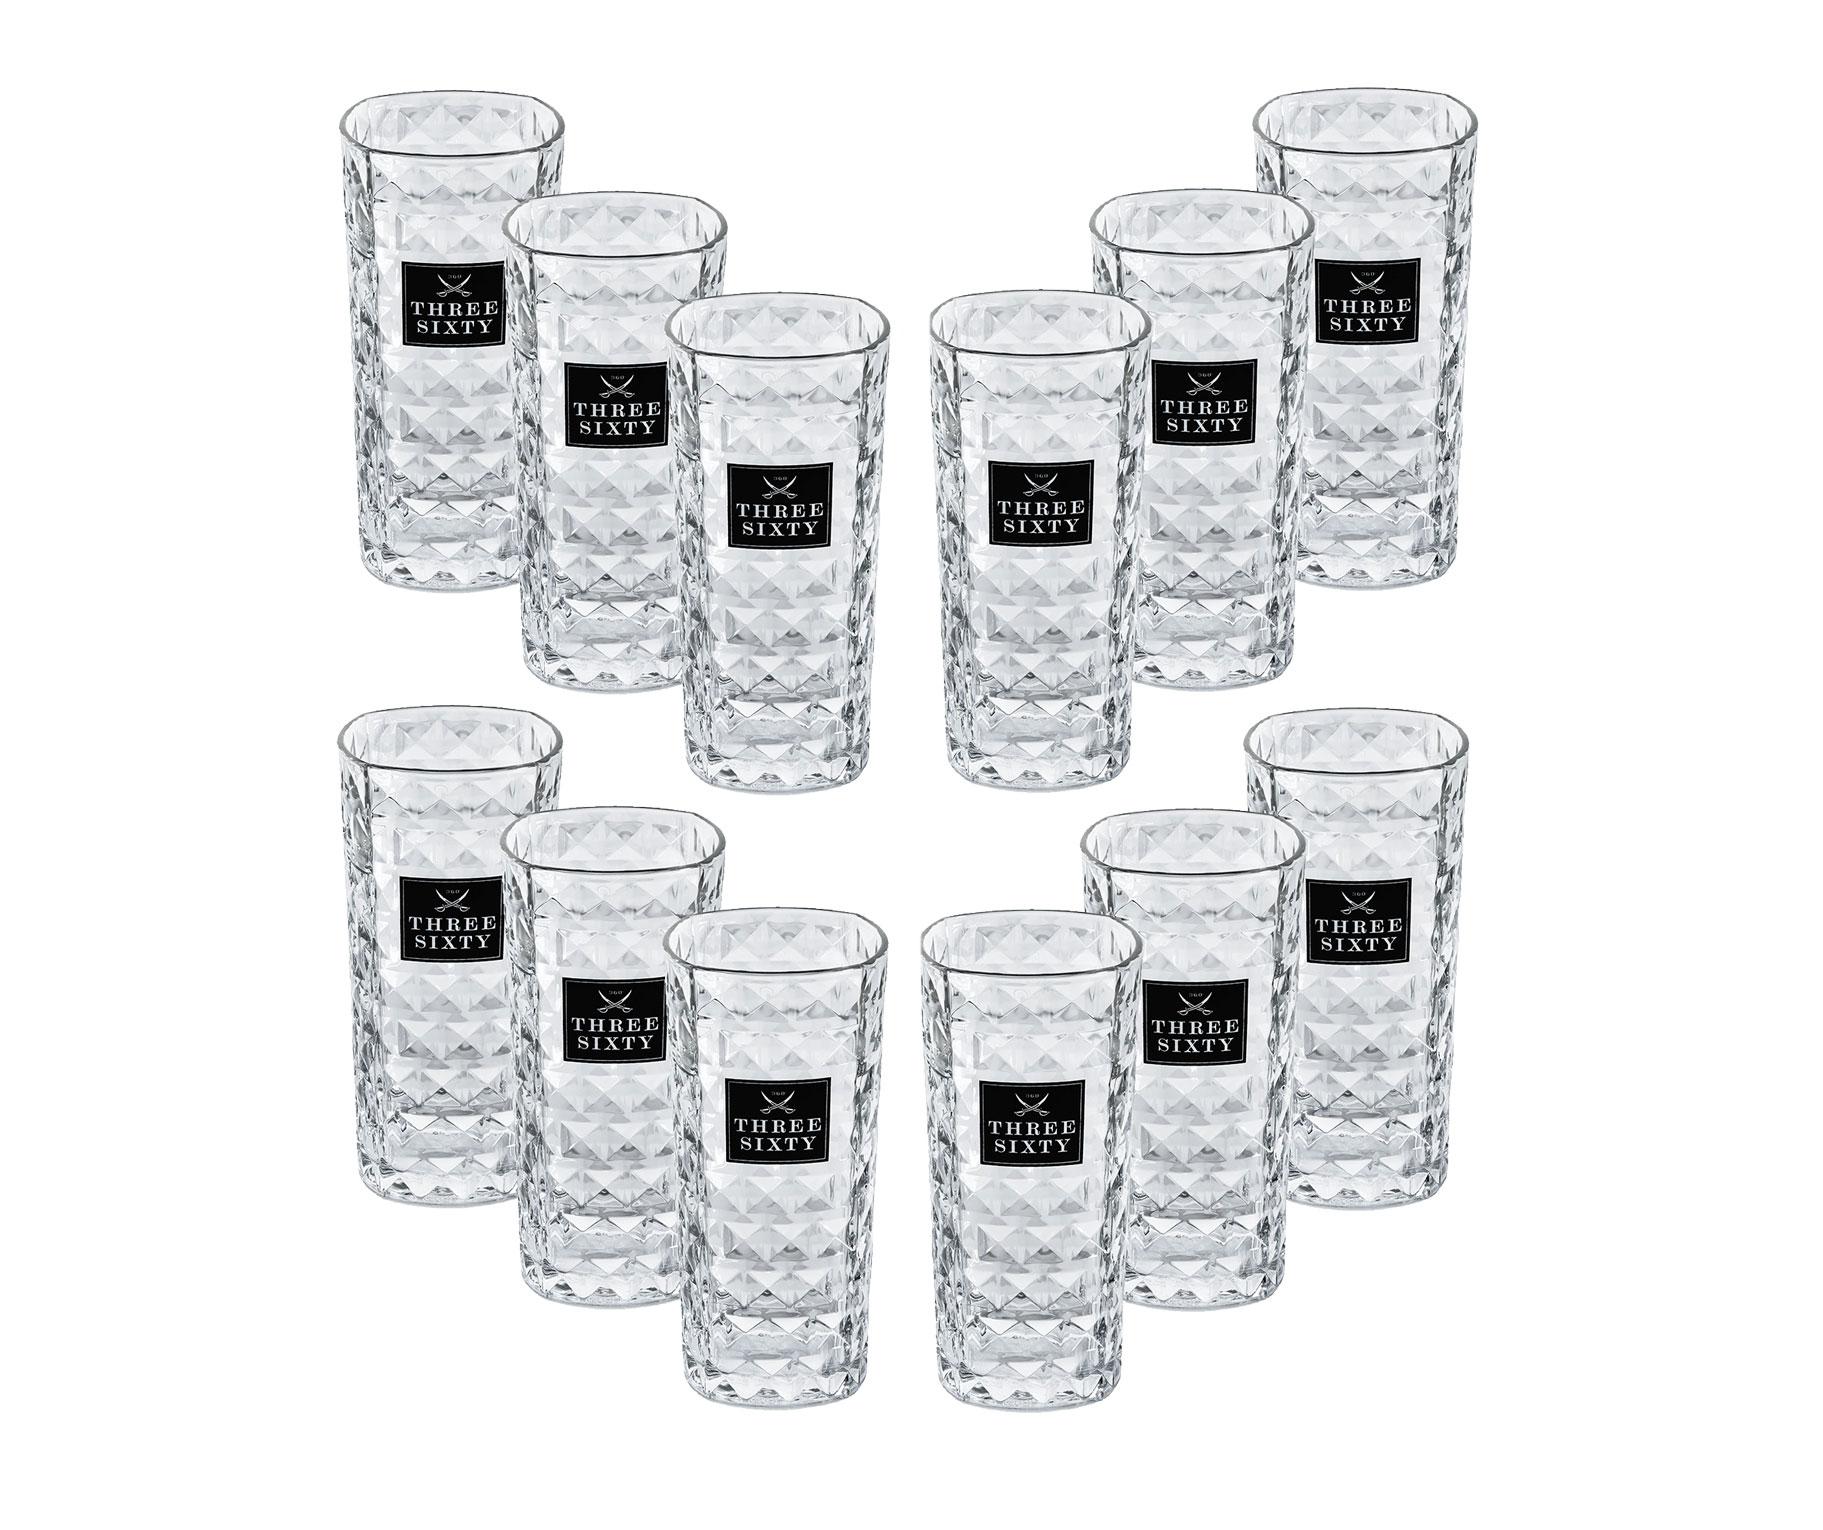 Three Sixty Vodka Glas Gläser-Set - 12x Longdrink-Gläser eckig